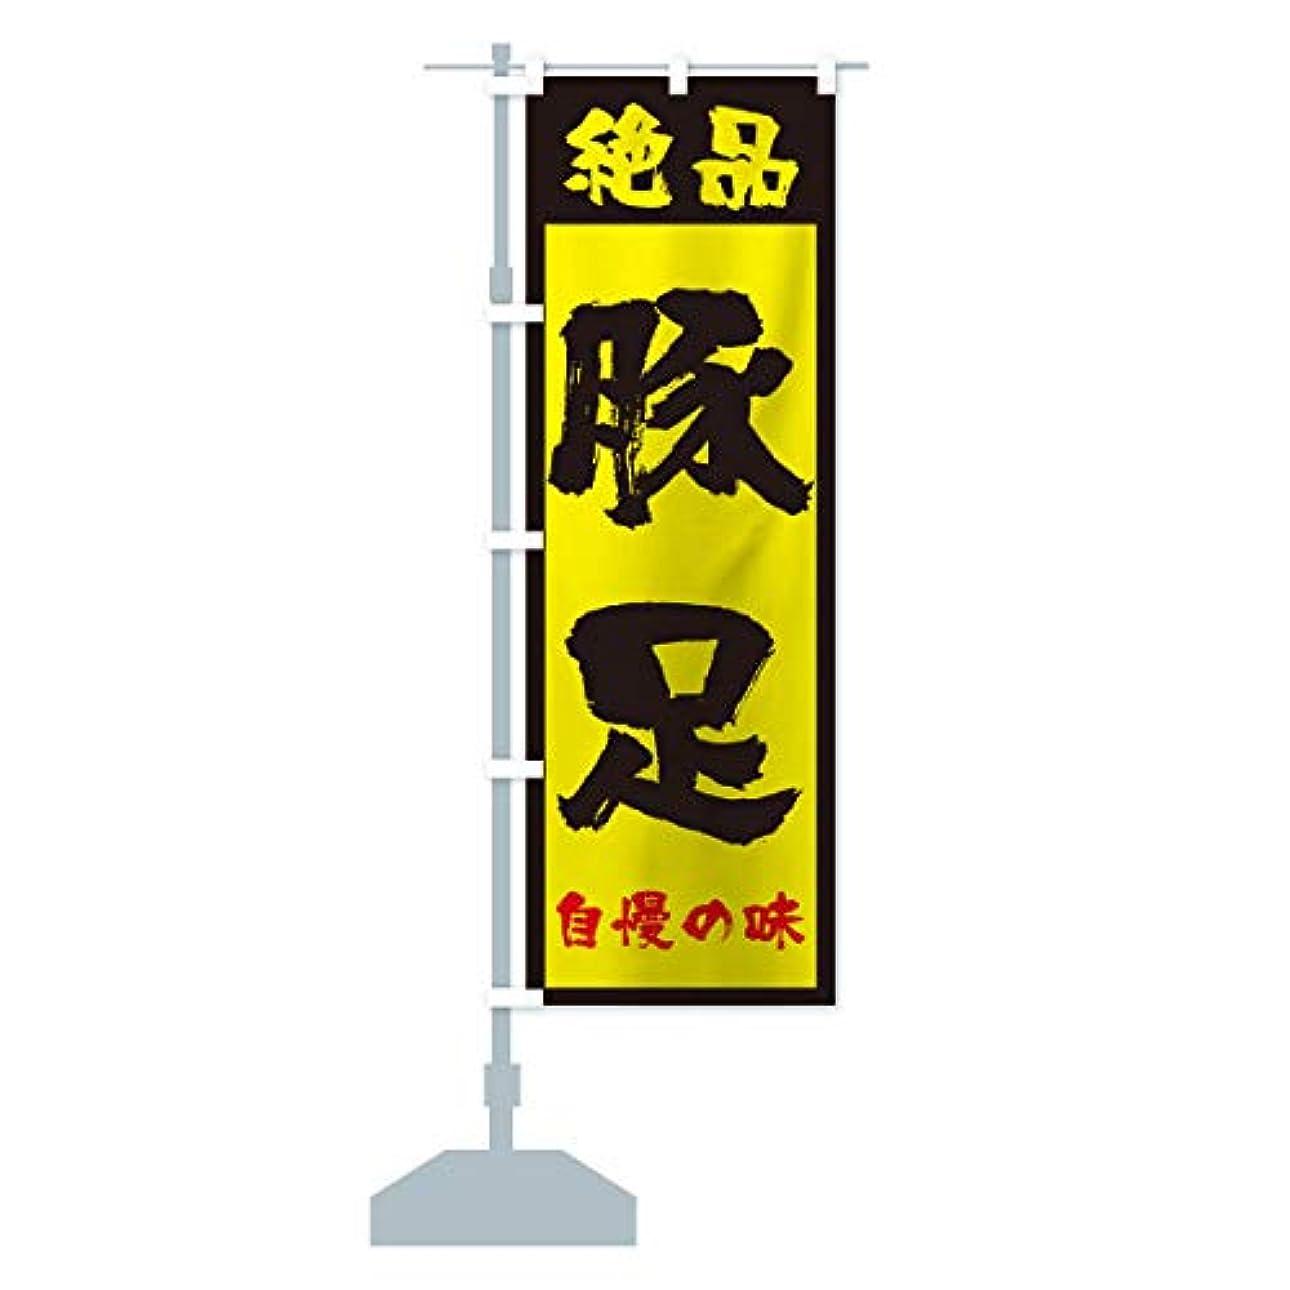 膜最も早い偶然の豚足 のぼり旗(レギュラー60x180cm 左チチ 標準)